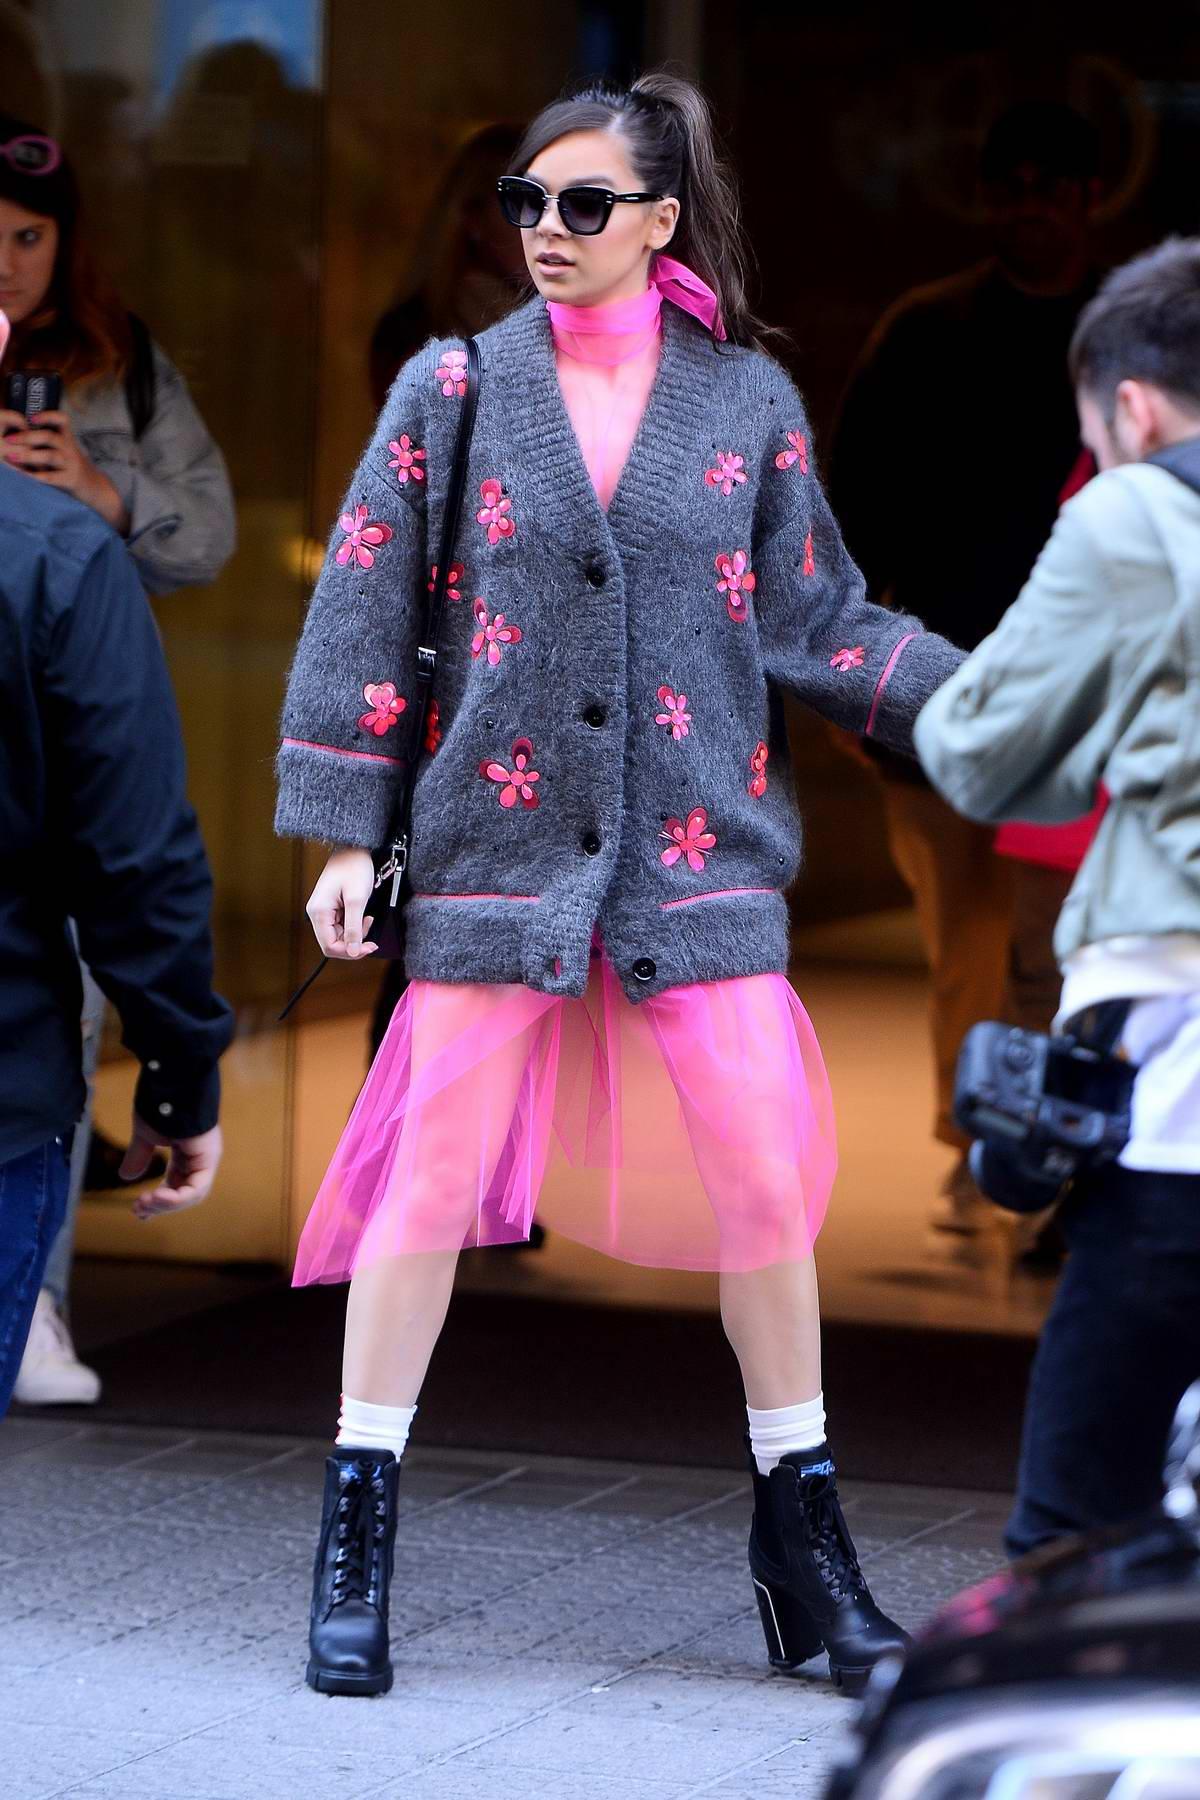 Hailee Steinfeld looks pretty in pink as she leaves her hotel in Bilbao, Spain